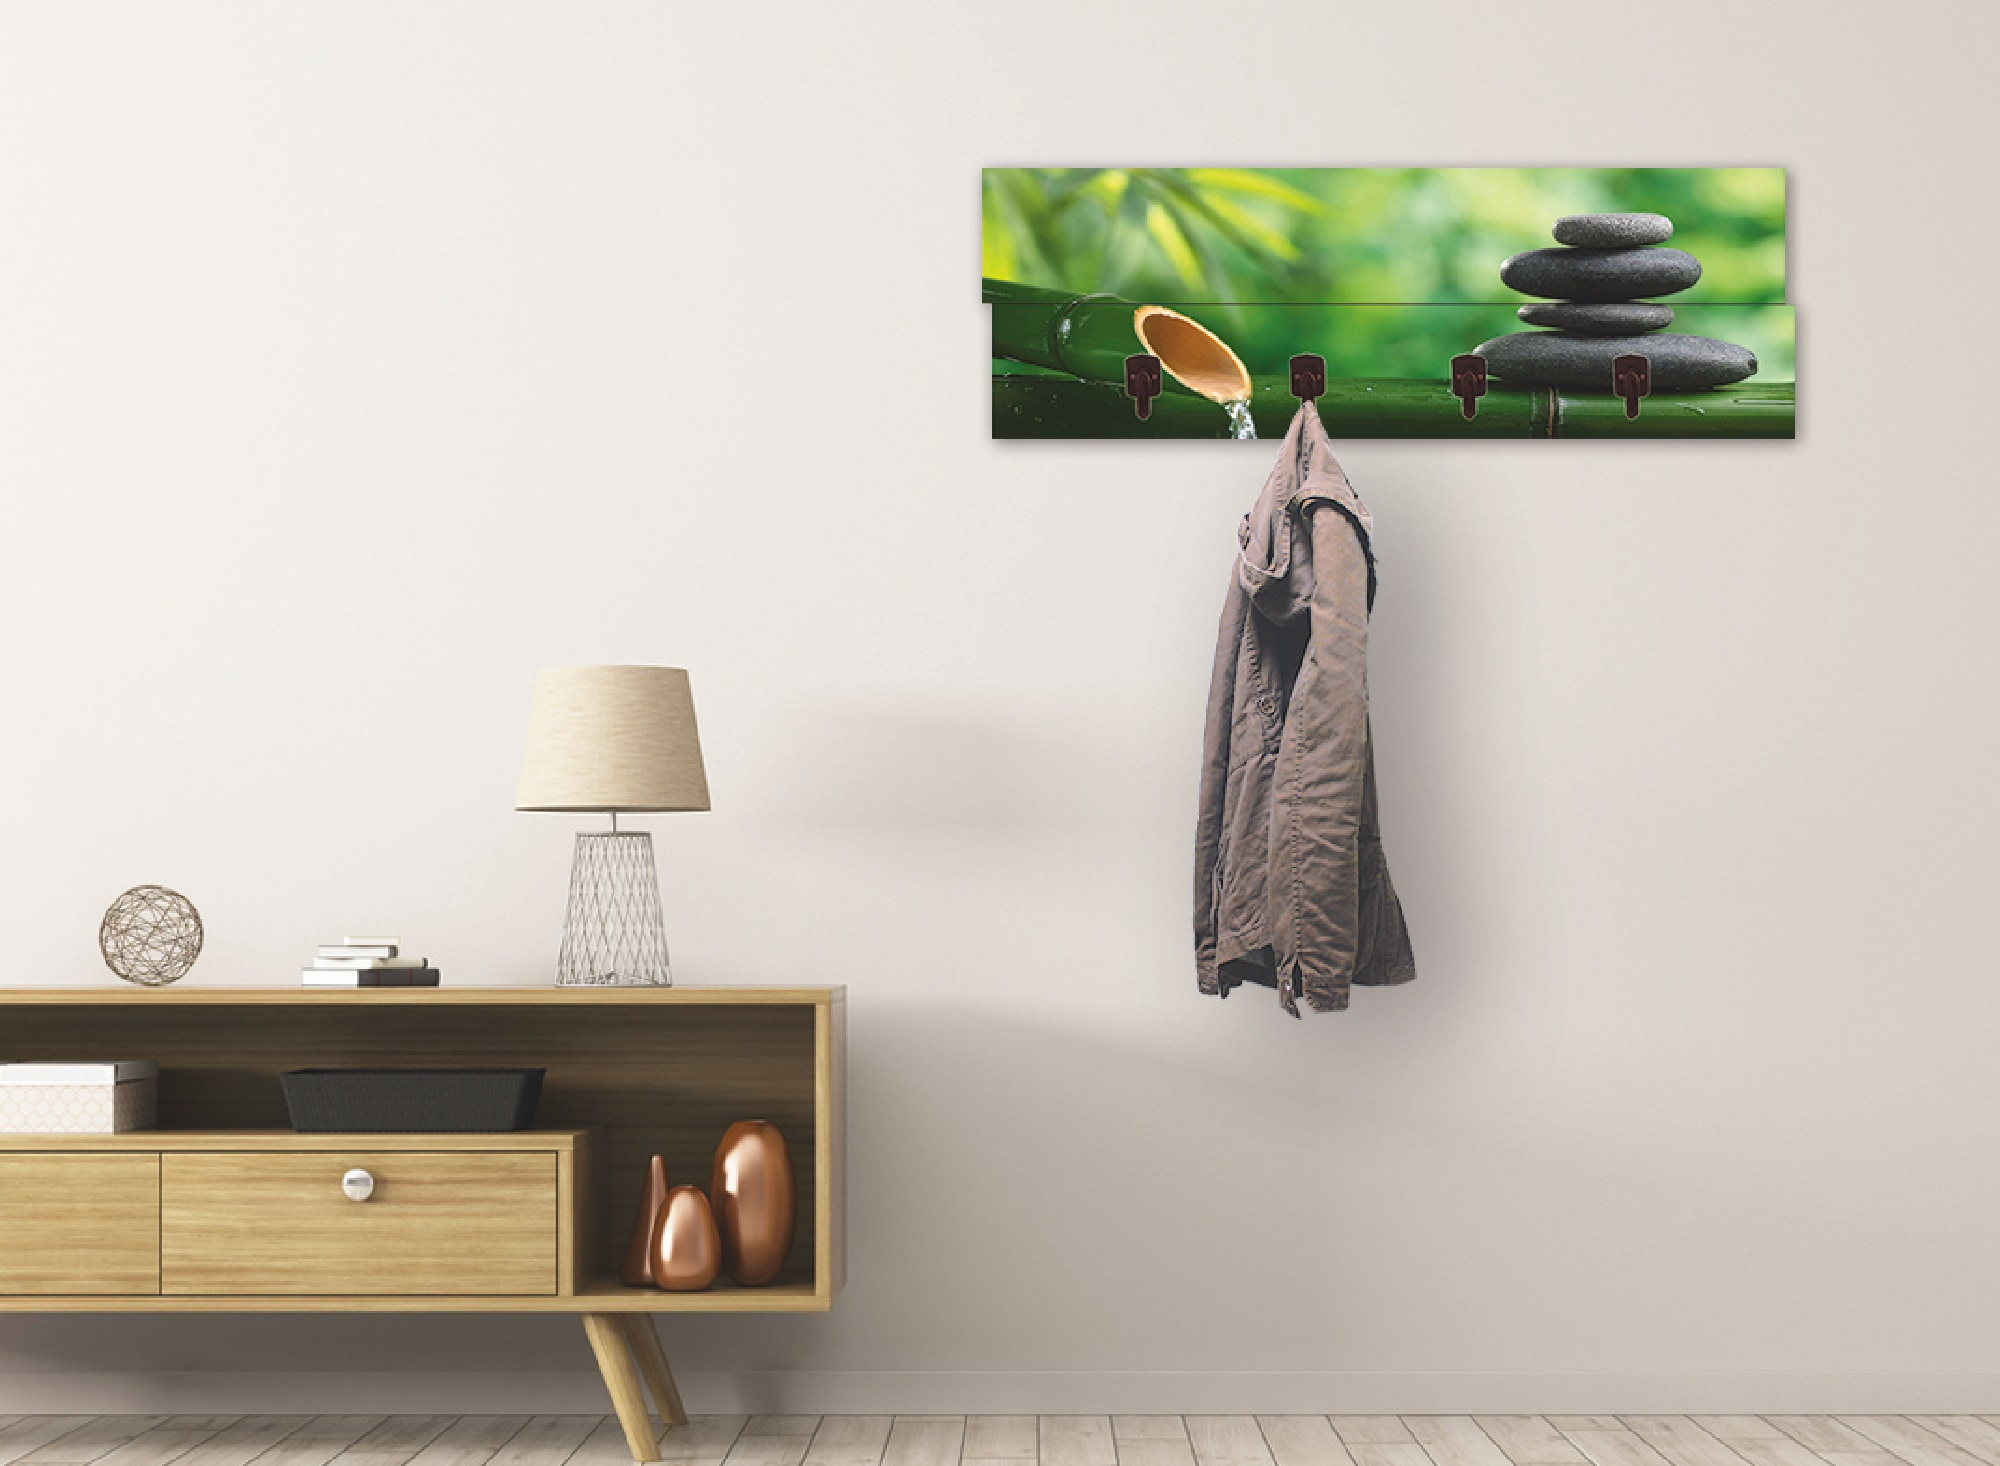 Image of Artland Garderobenpaneel »Bambusbrunnen und Zen-Stein«, platzsparende Wandgarderobe aus Holz mit 4 Haken, geeignet für kleinen, schmalen Flur, Flurgarderobe